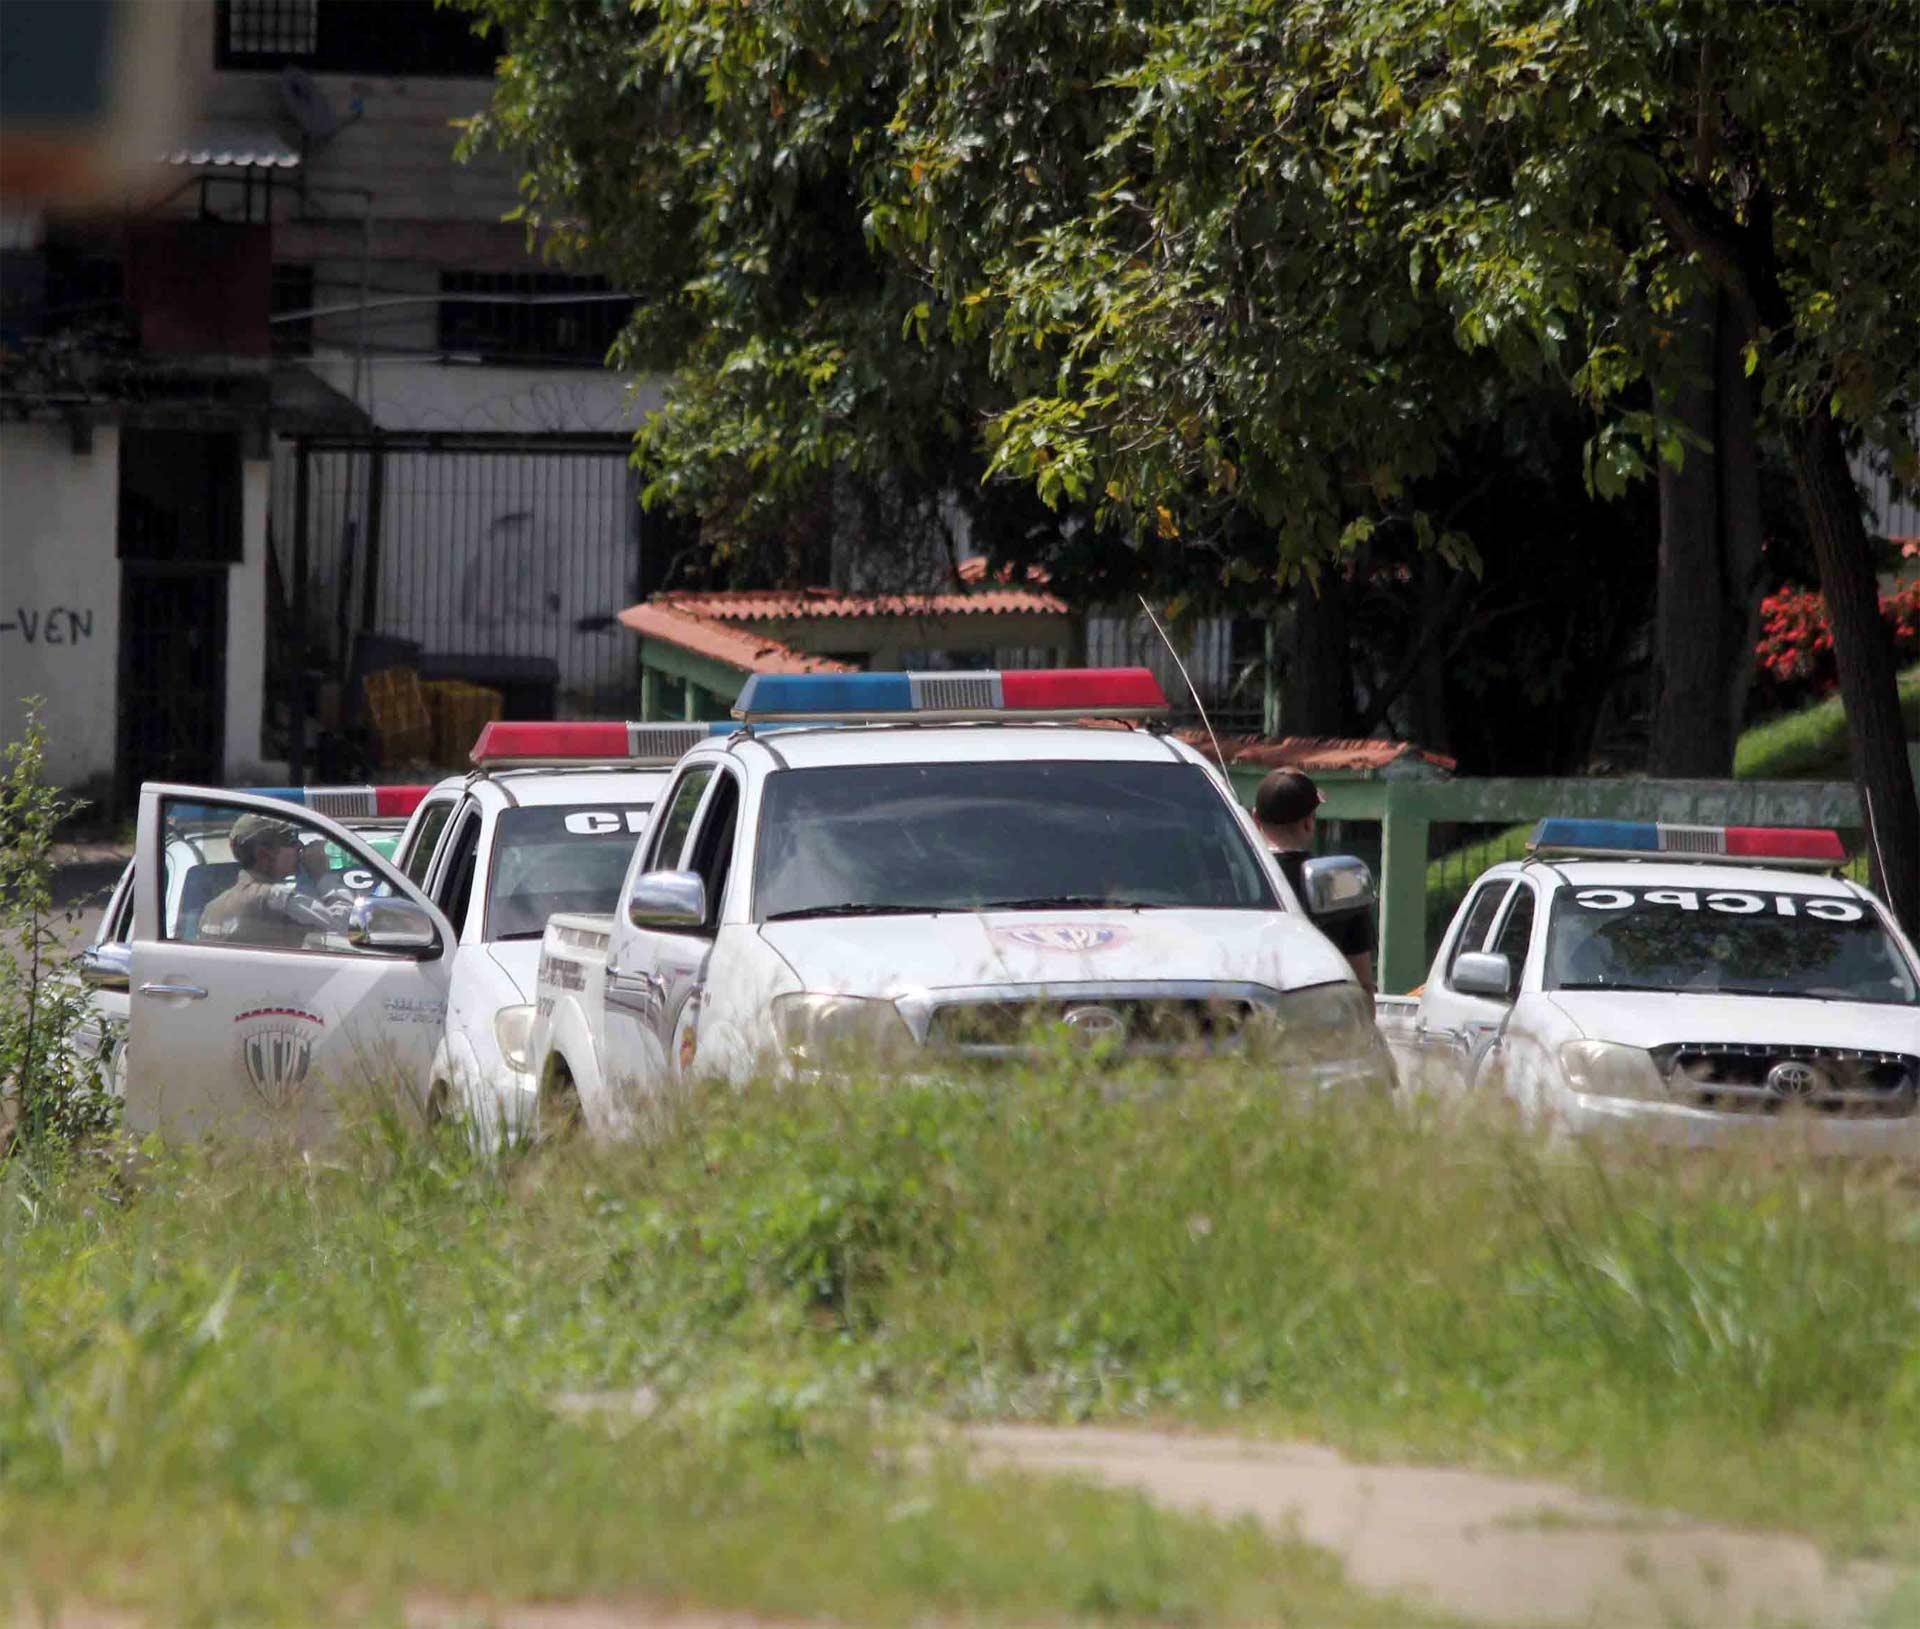 Funcionarios del Cicpc dieron con los hombres y con un vehículo reportado como robado